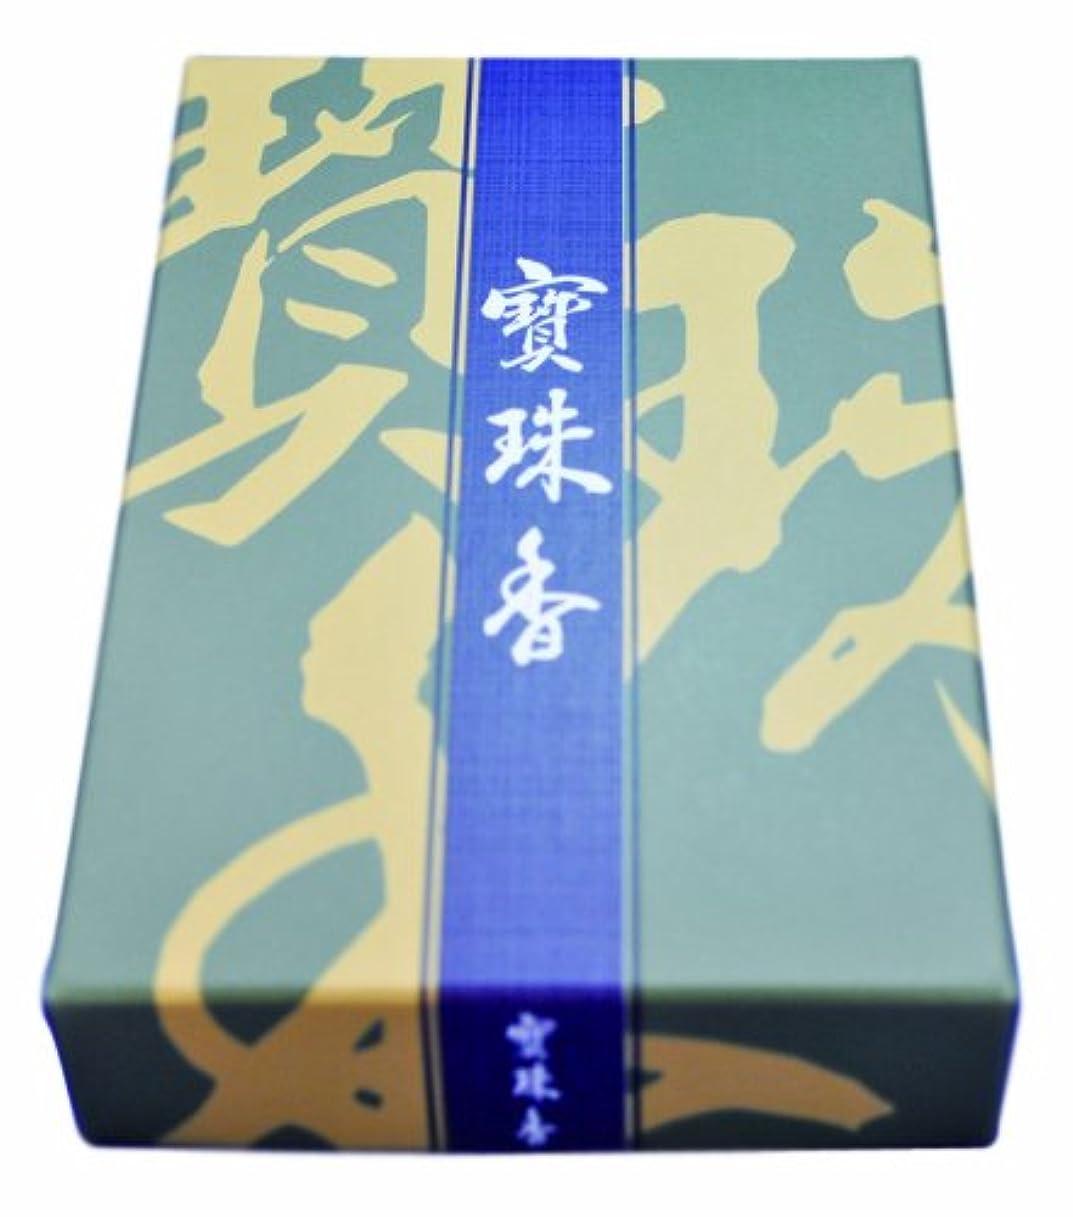 枠子掃除お線香 寳珠香 短寸バラ詰 約42g シャム沈香の香り